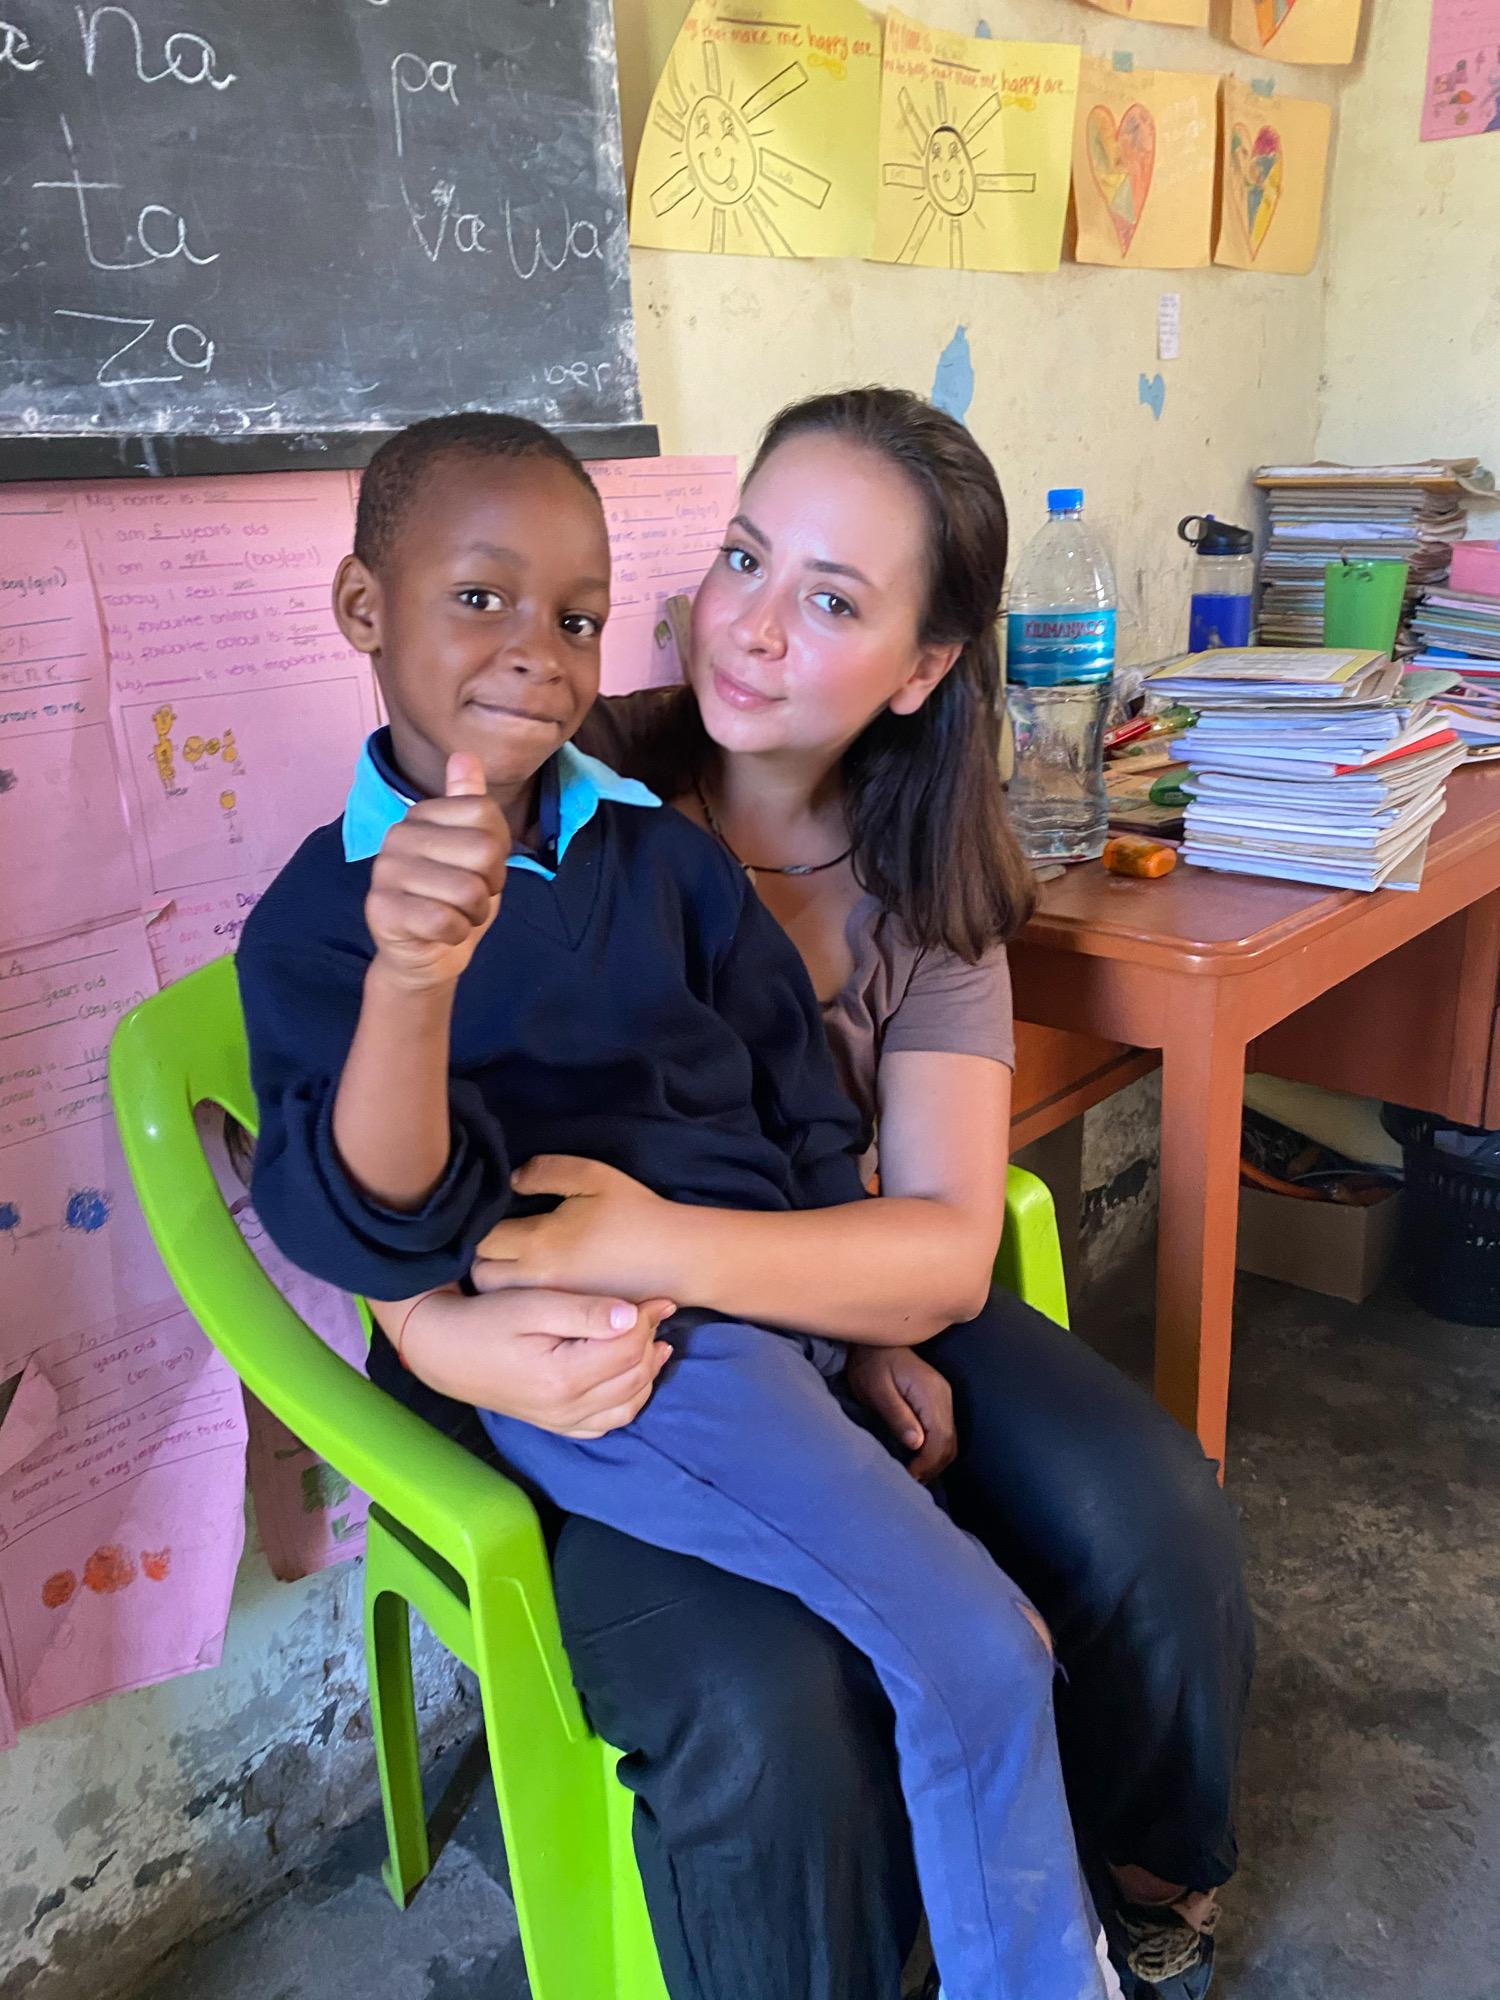 Raluca cu unul dintre copiii de la grădiniță în brațe